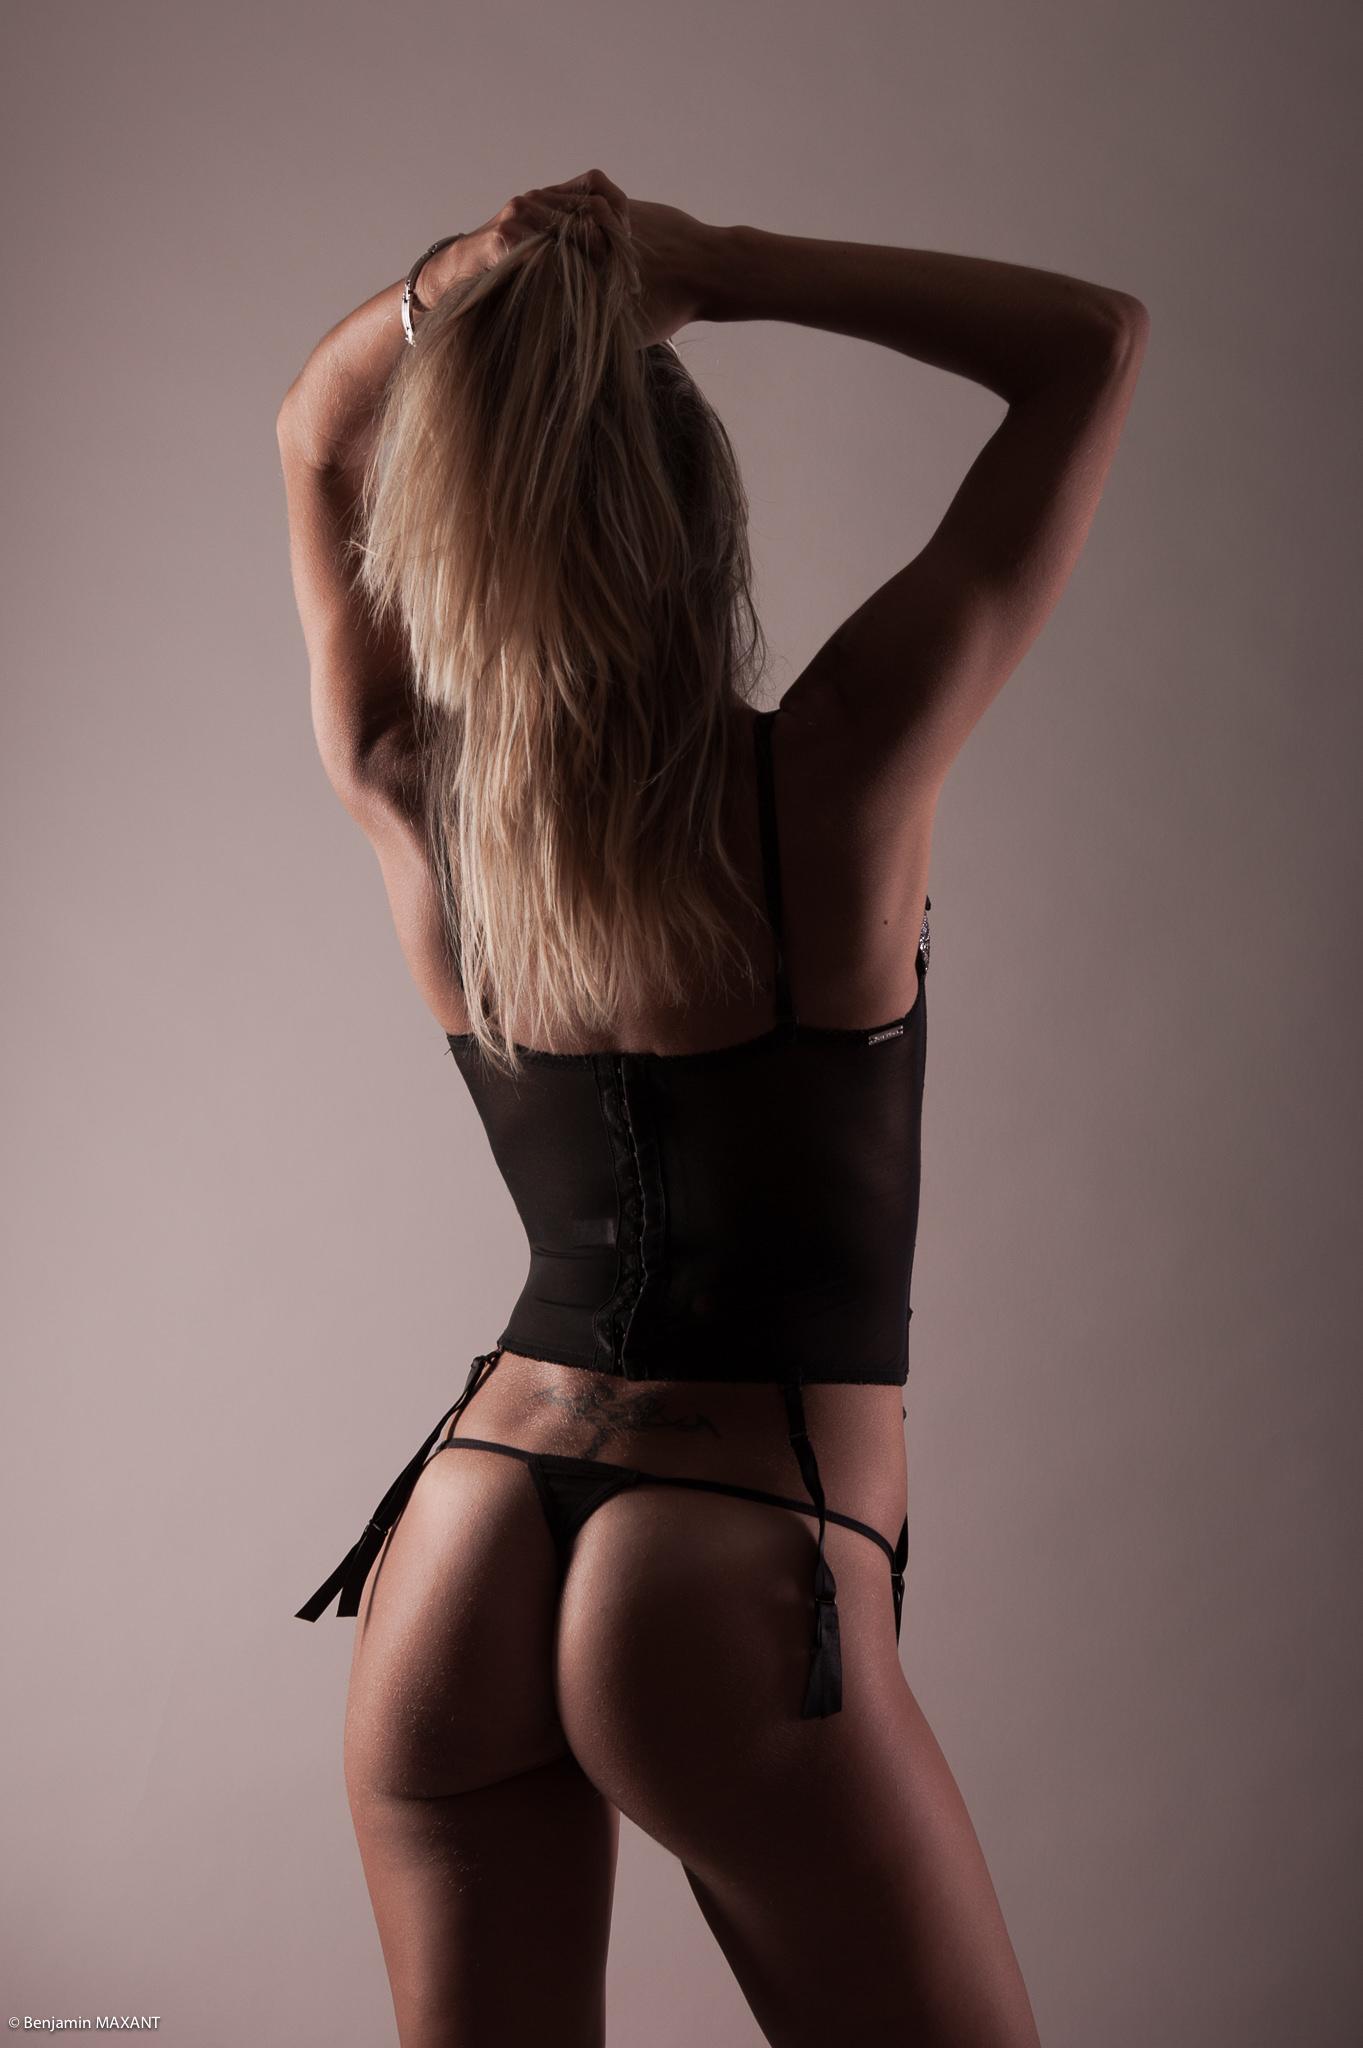 Séance photo lingerie en studio avec Emeline - ensemble noir de dos